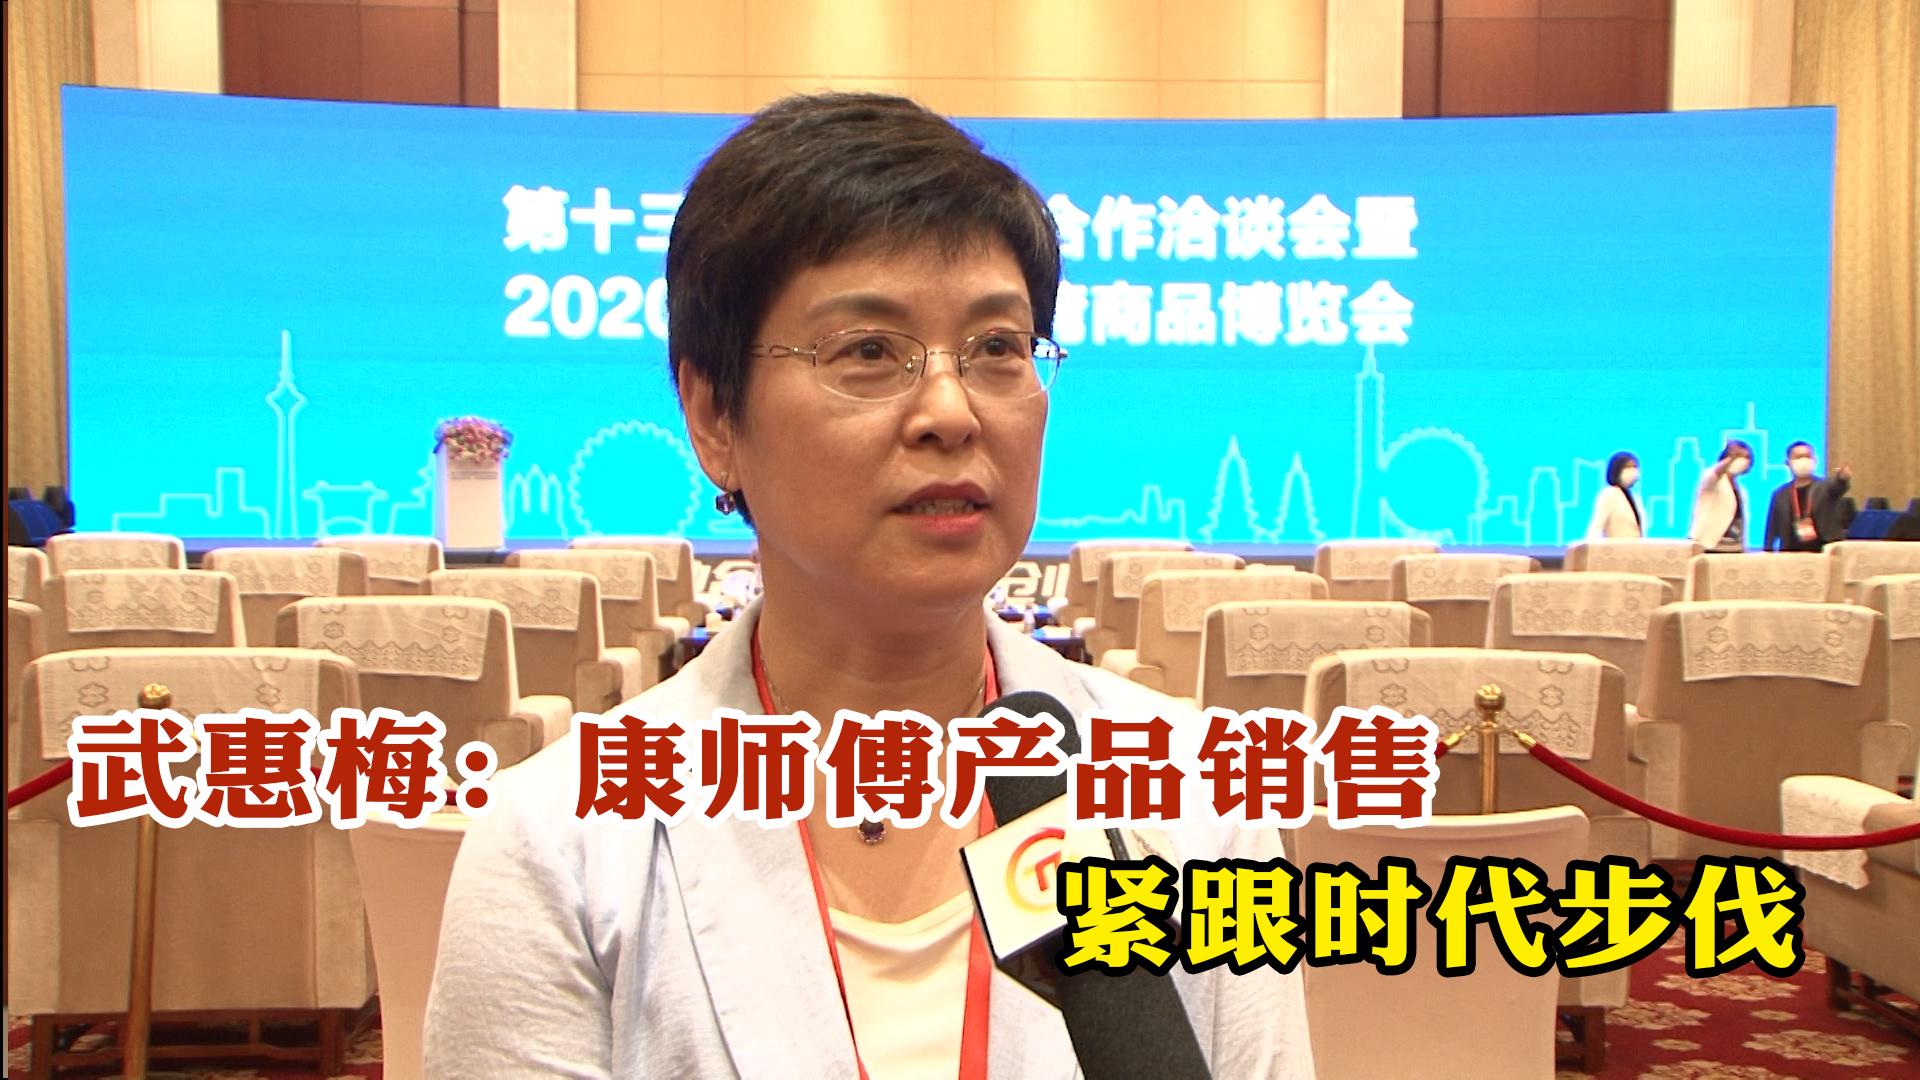 武惠梅:康師傅産品銷售緊跟時代步伐圖片